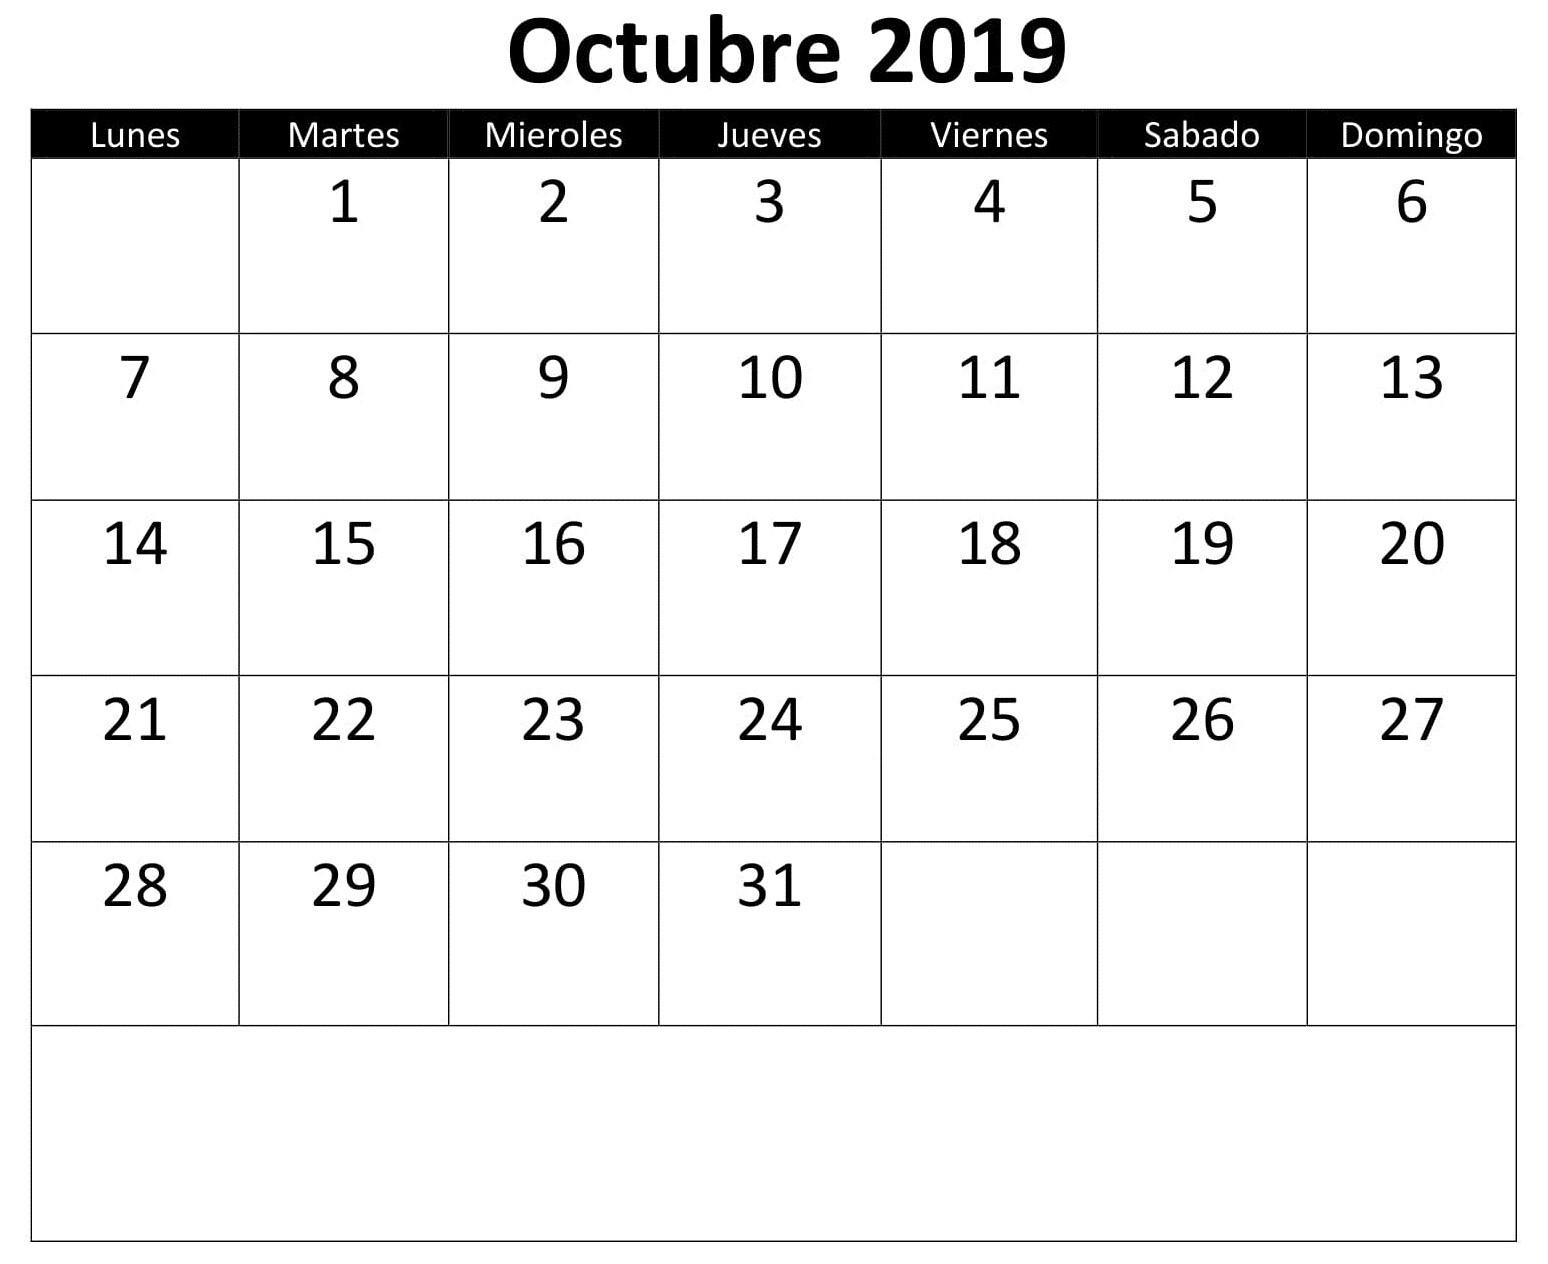 Calendario 2020 Colombia Con Festivos Word Más Recientes Calendario De Octubre 2019 Of Calendario 2020 Colombia Con Festivos Word Más Recientes October 2015 Calendar Fillable Printable Pdf